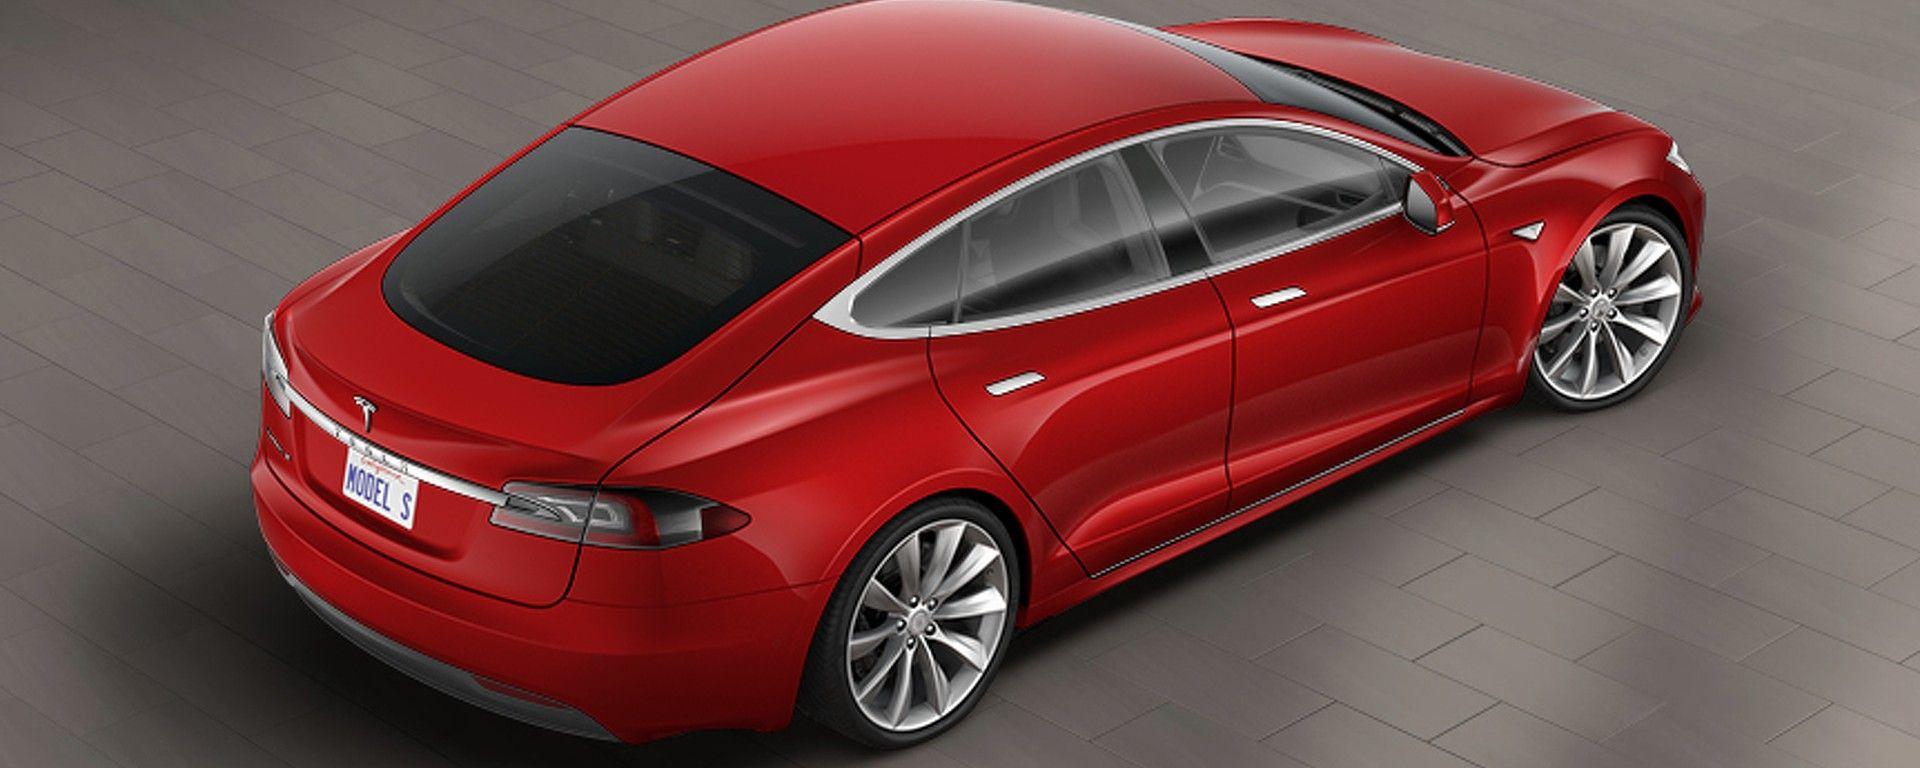 Tesla Model S: vista 3/4 posteriore dall'alto